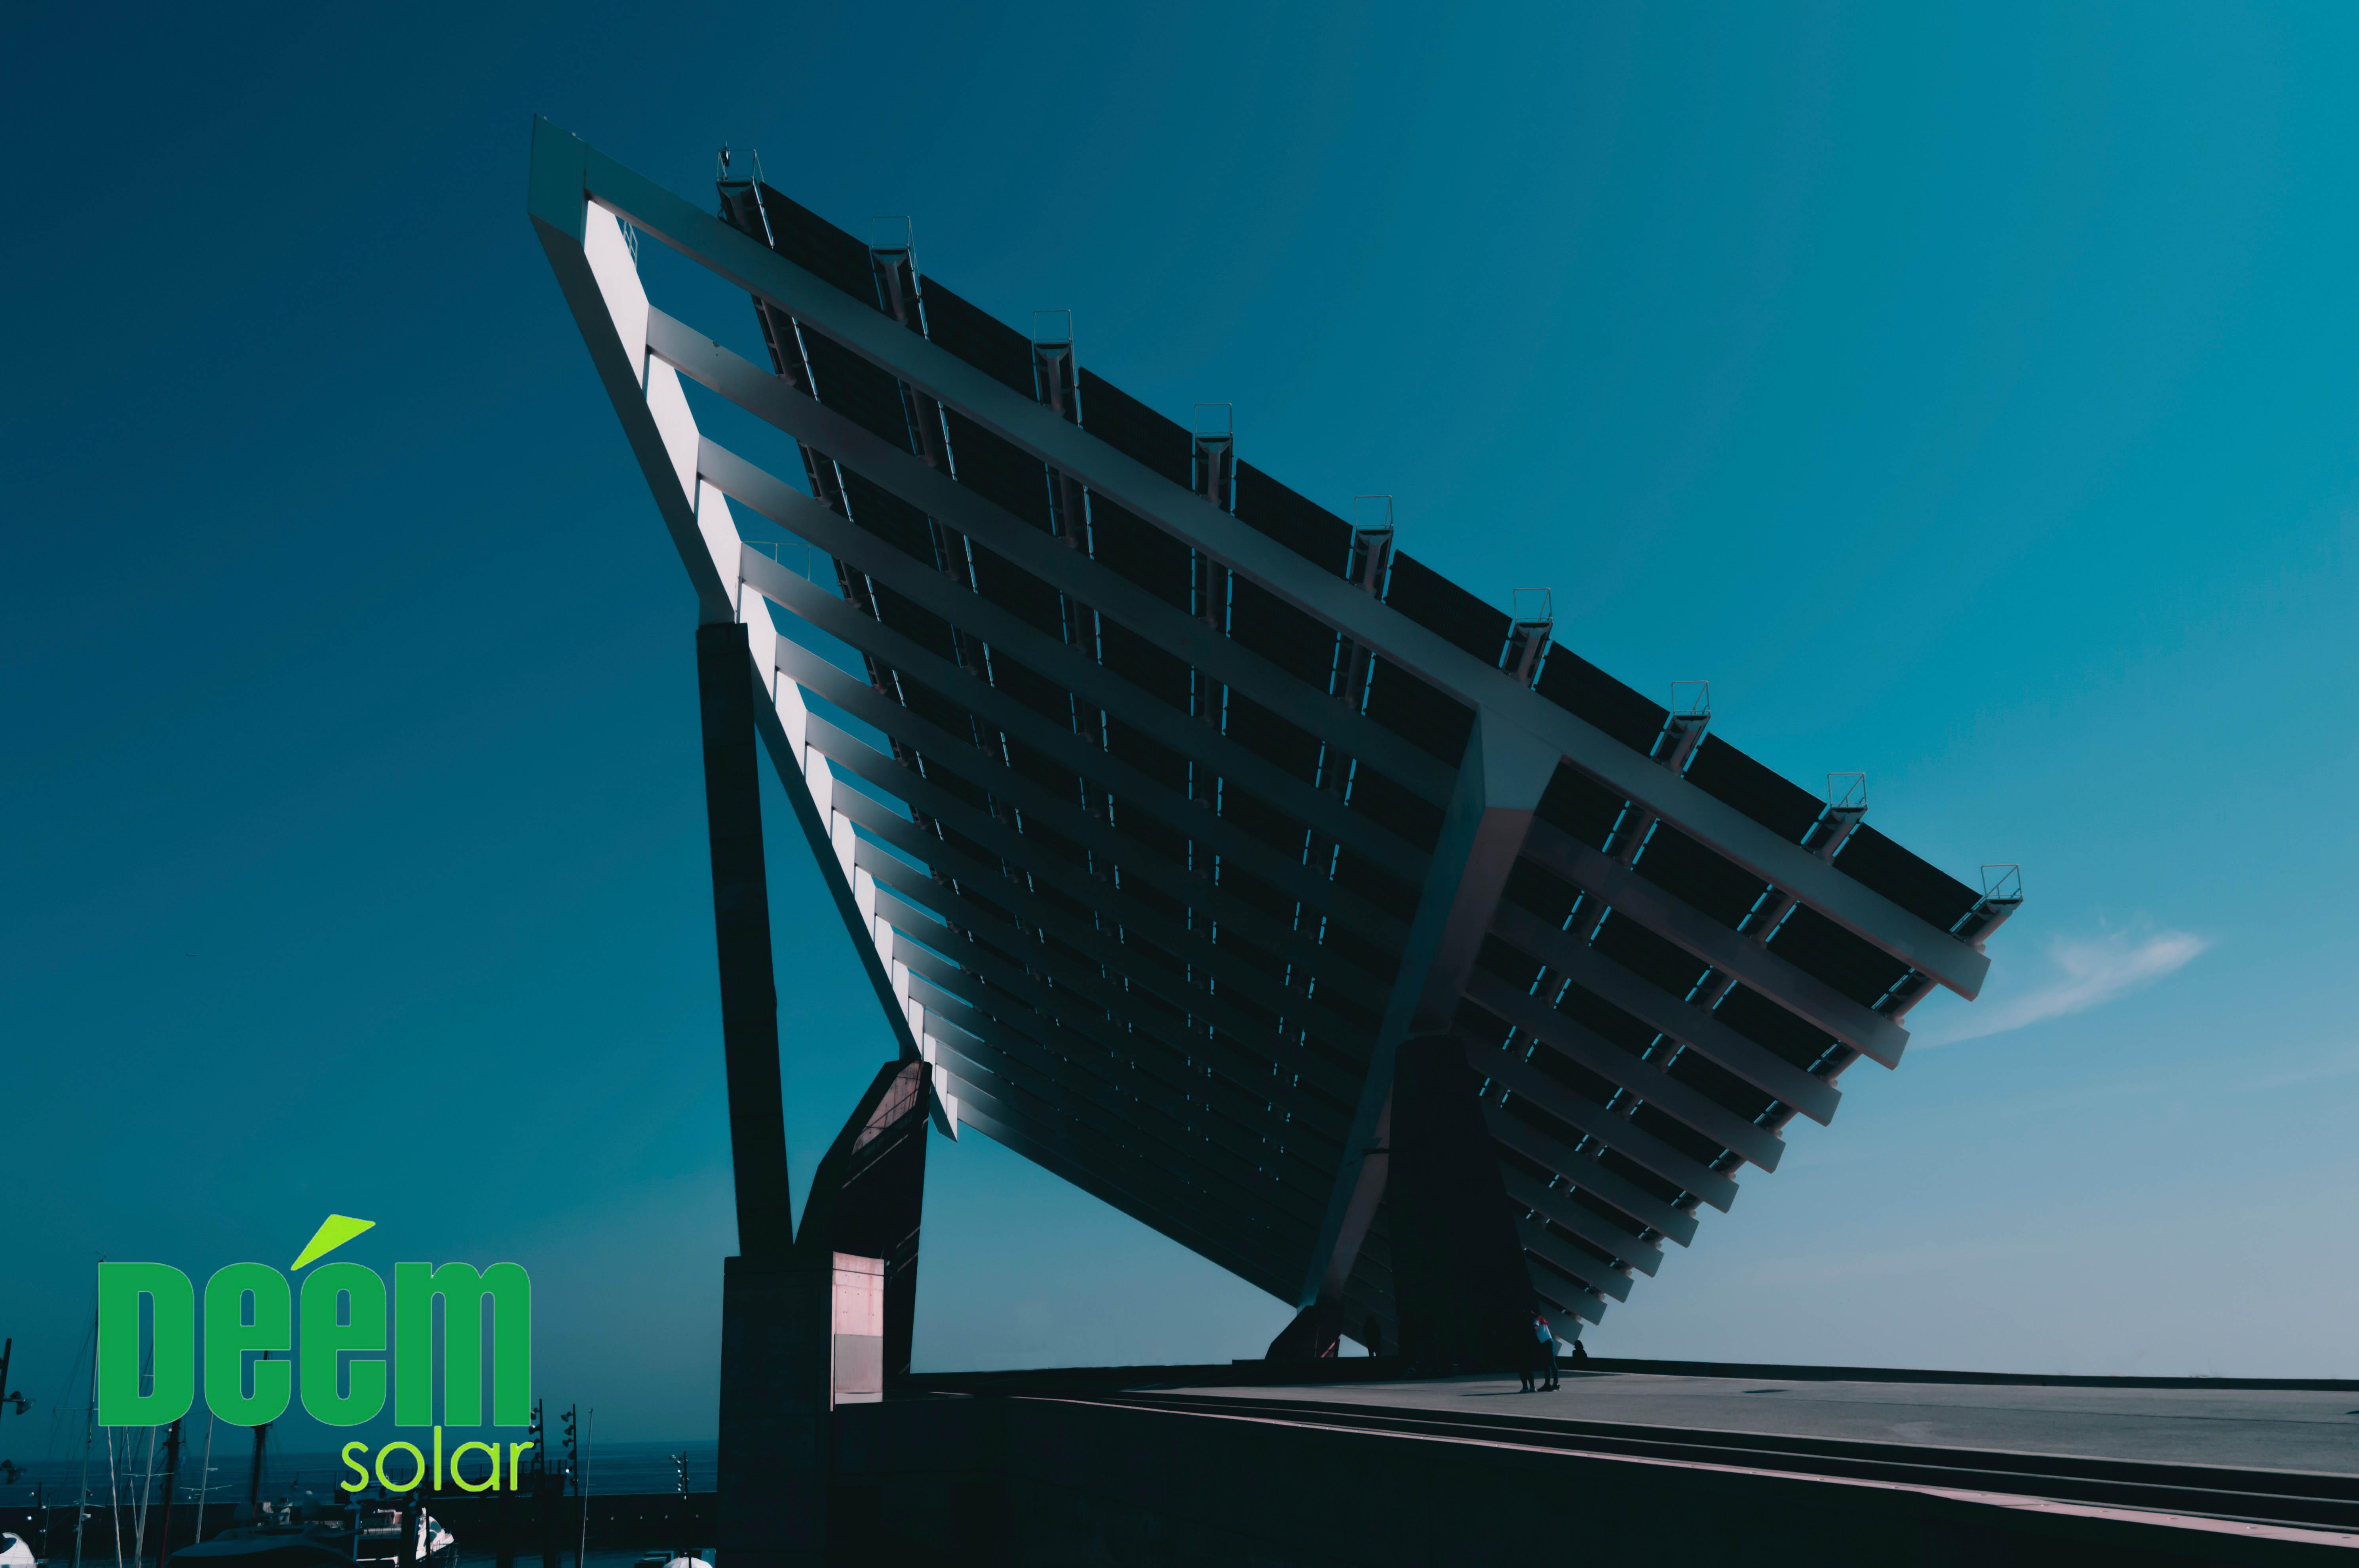 تعلن المملكة العربية السعودية عن 7 مشاريع للطاقة الشمسية بقيمة 1.5 ملي